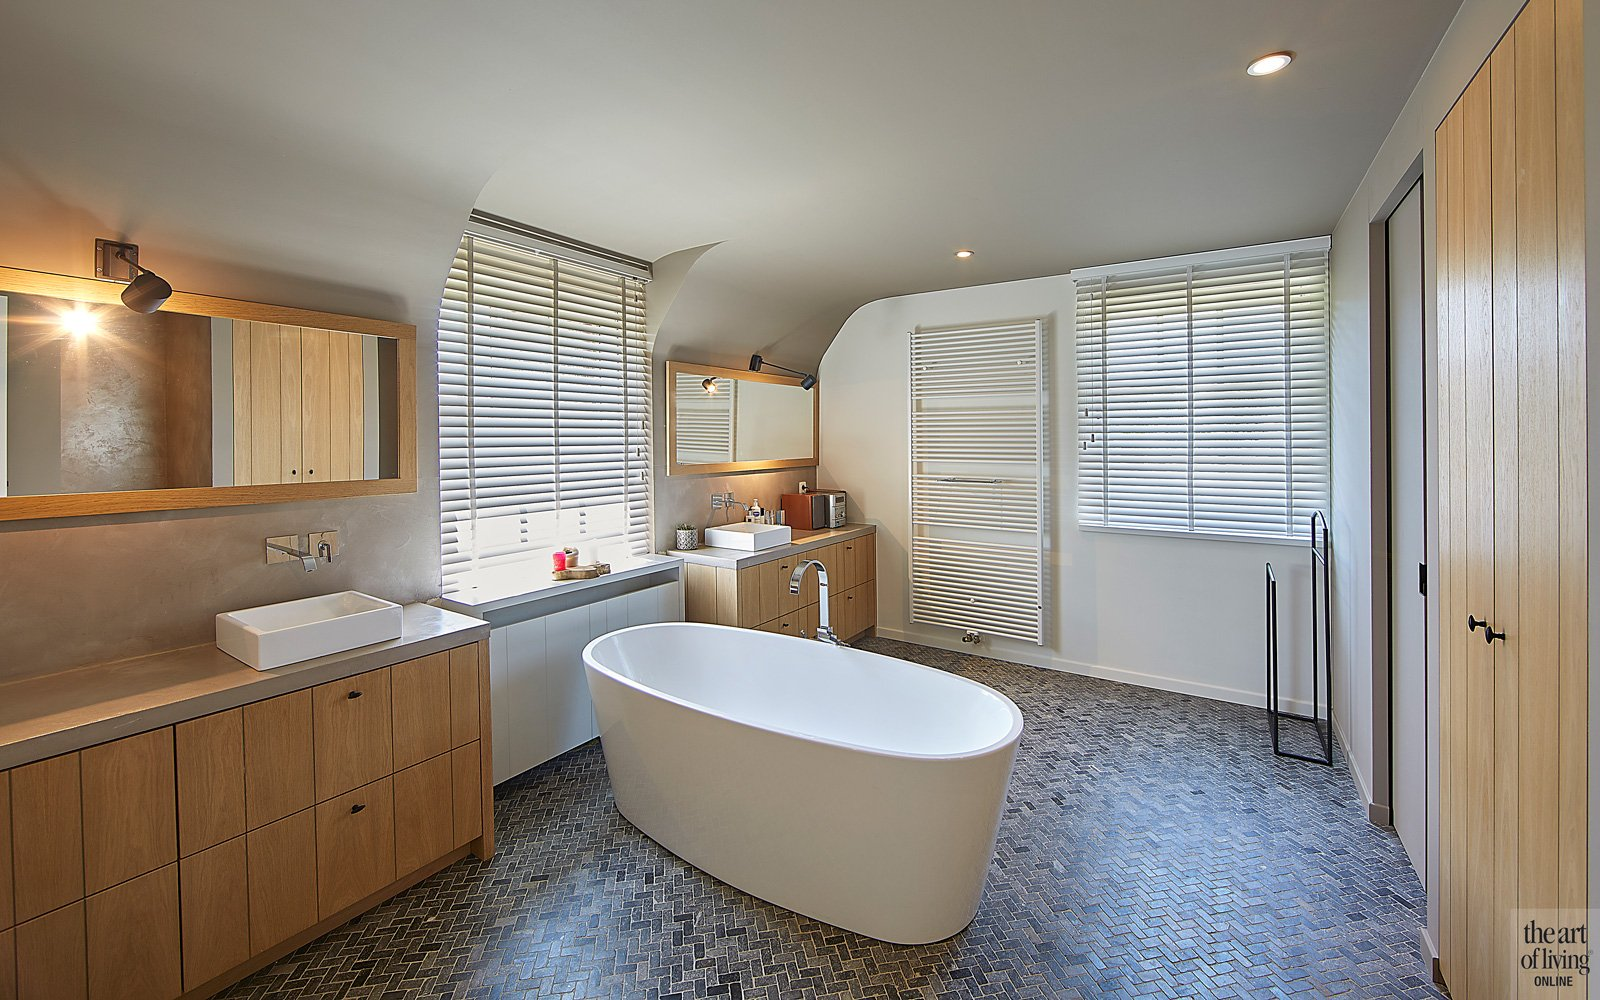 Badkamer, Vermeulen & Zonen, sanitair, vrijstaand bad, hout maatwerk